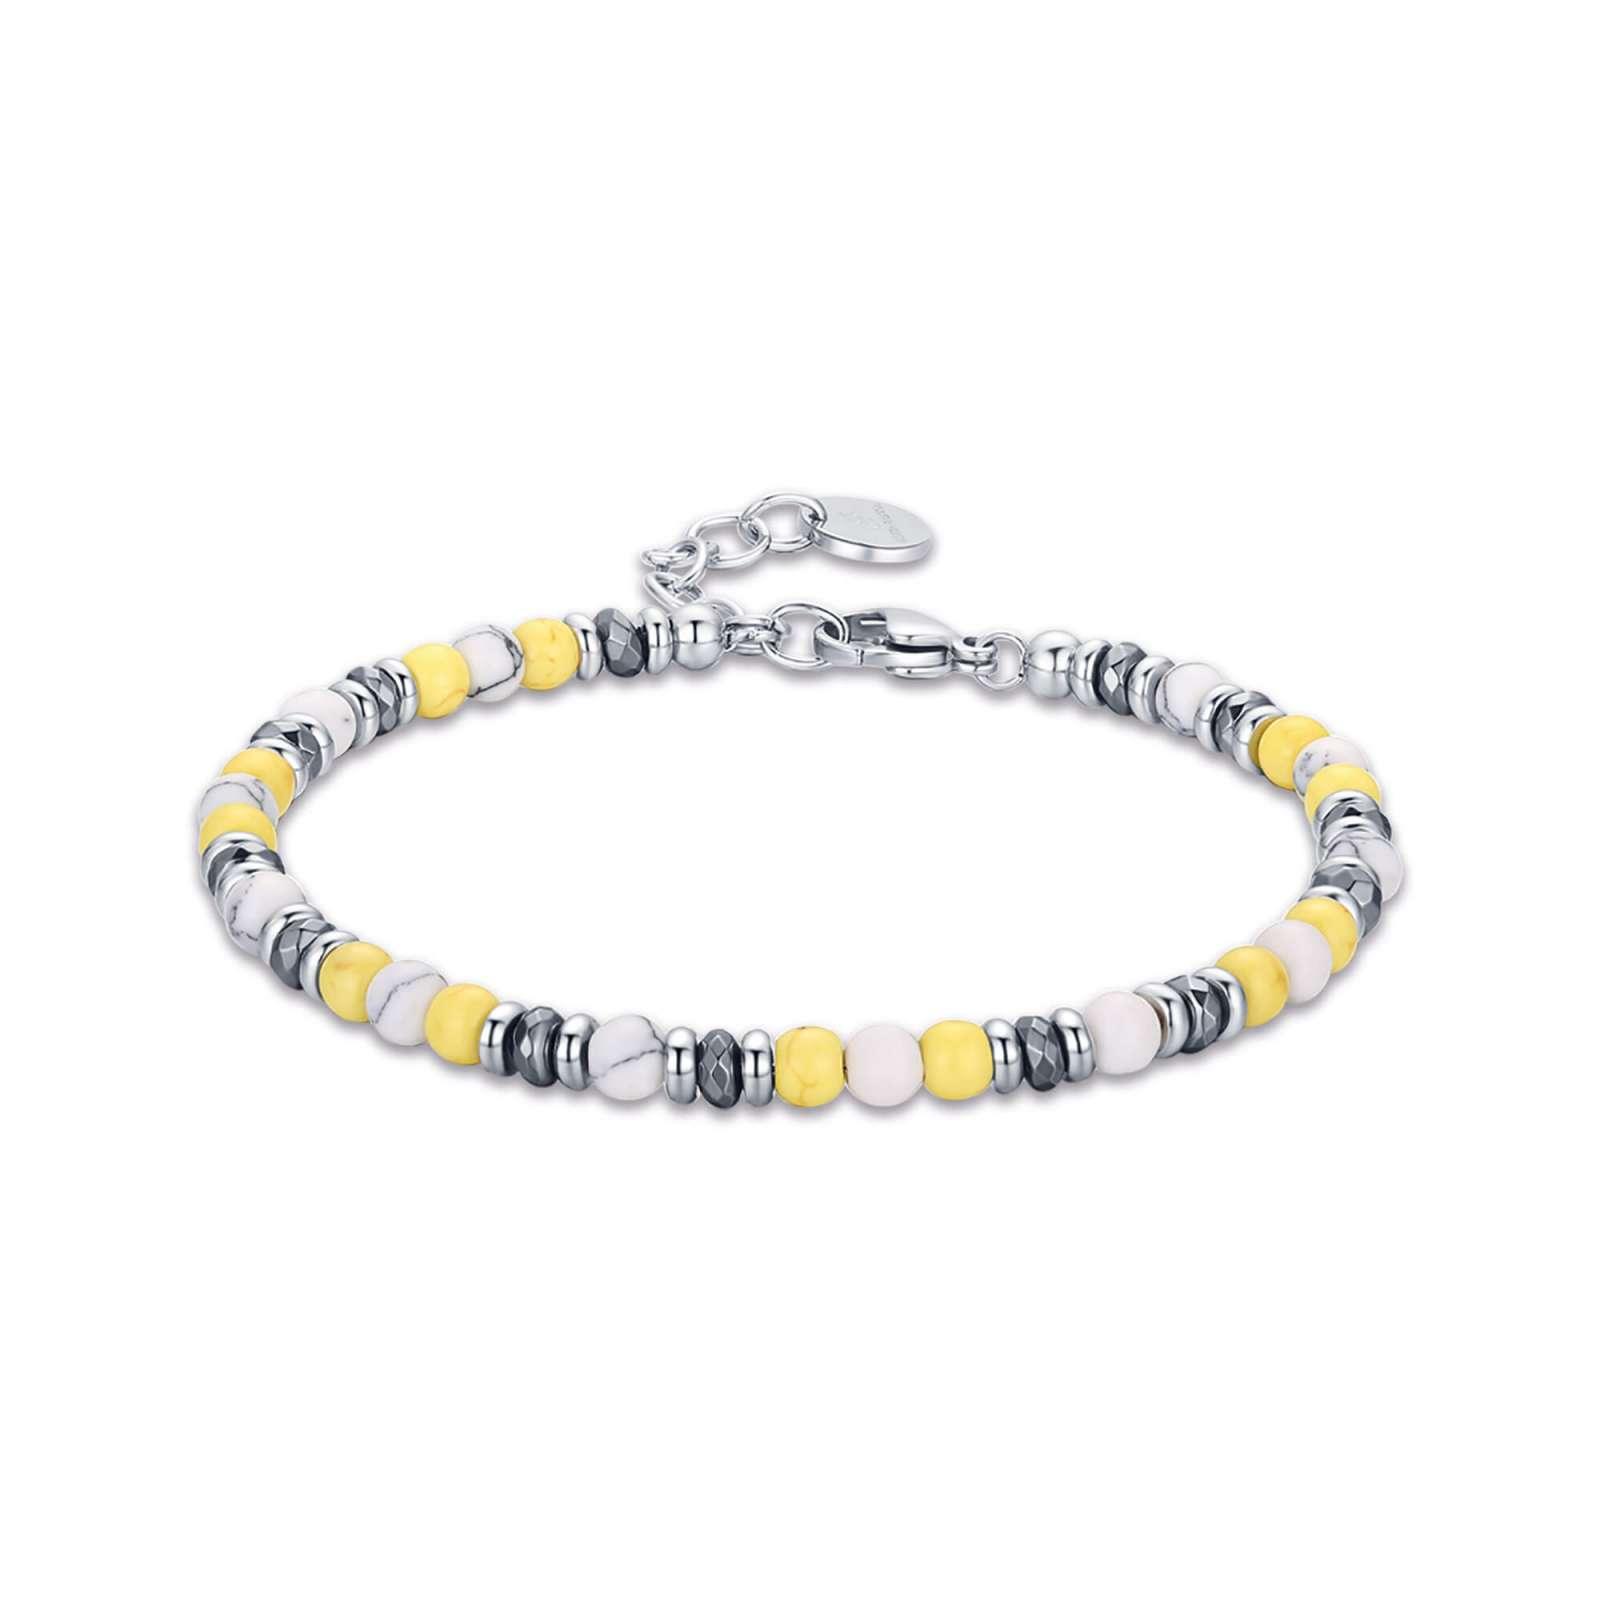 Luca Barra - Bracciale in acciaio con pietre gialle e bianche.